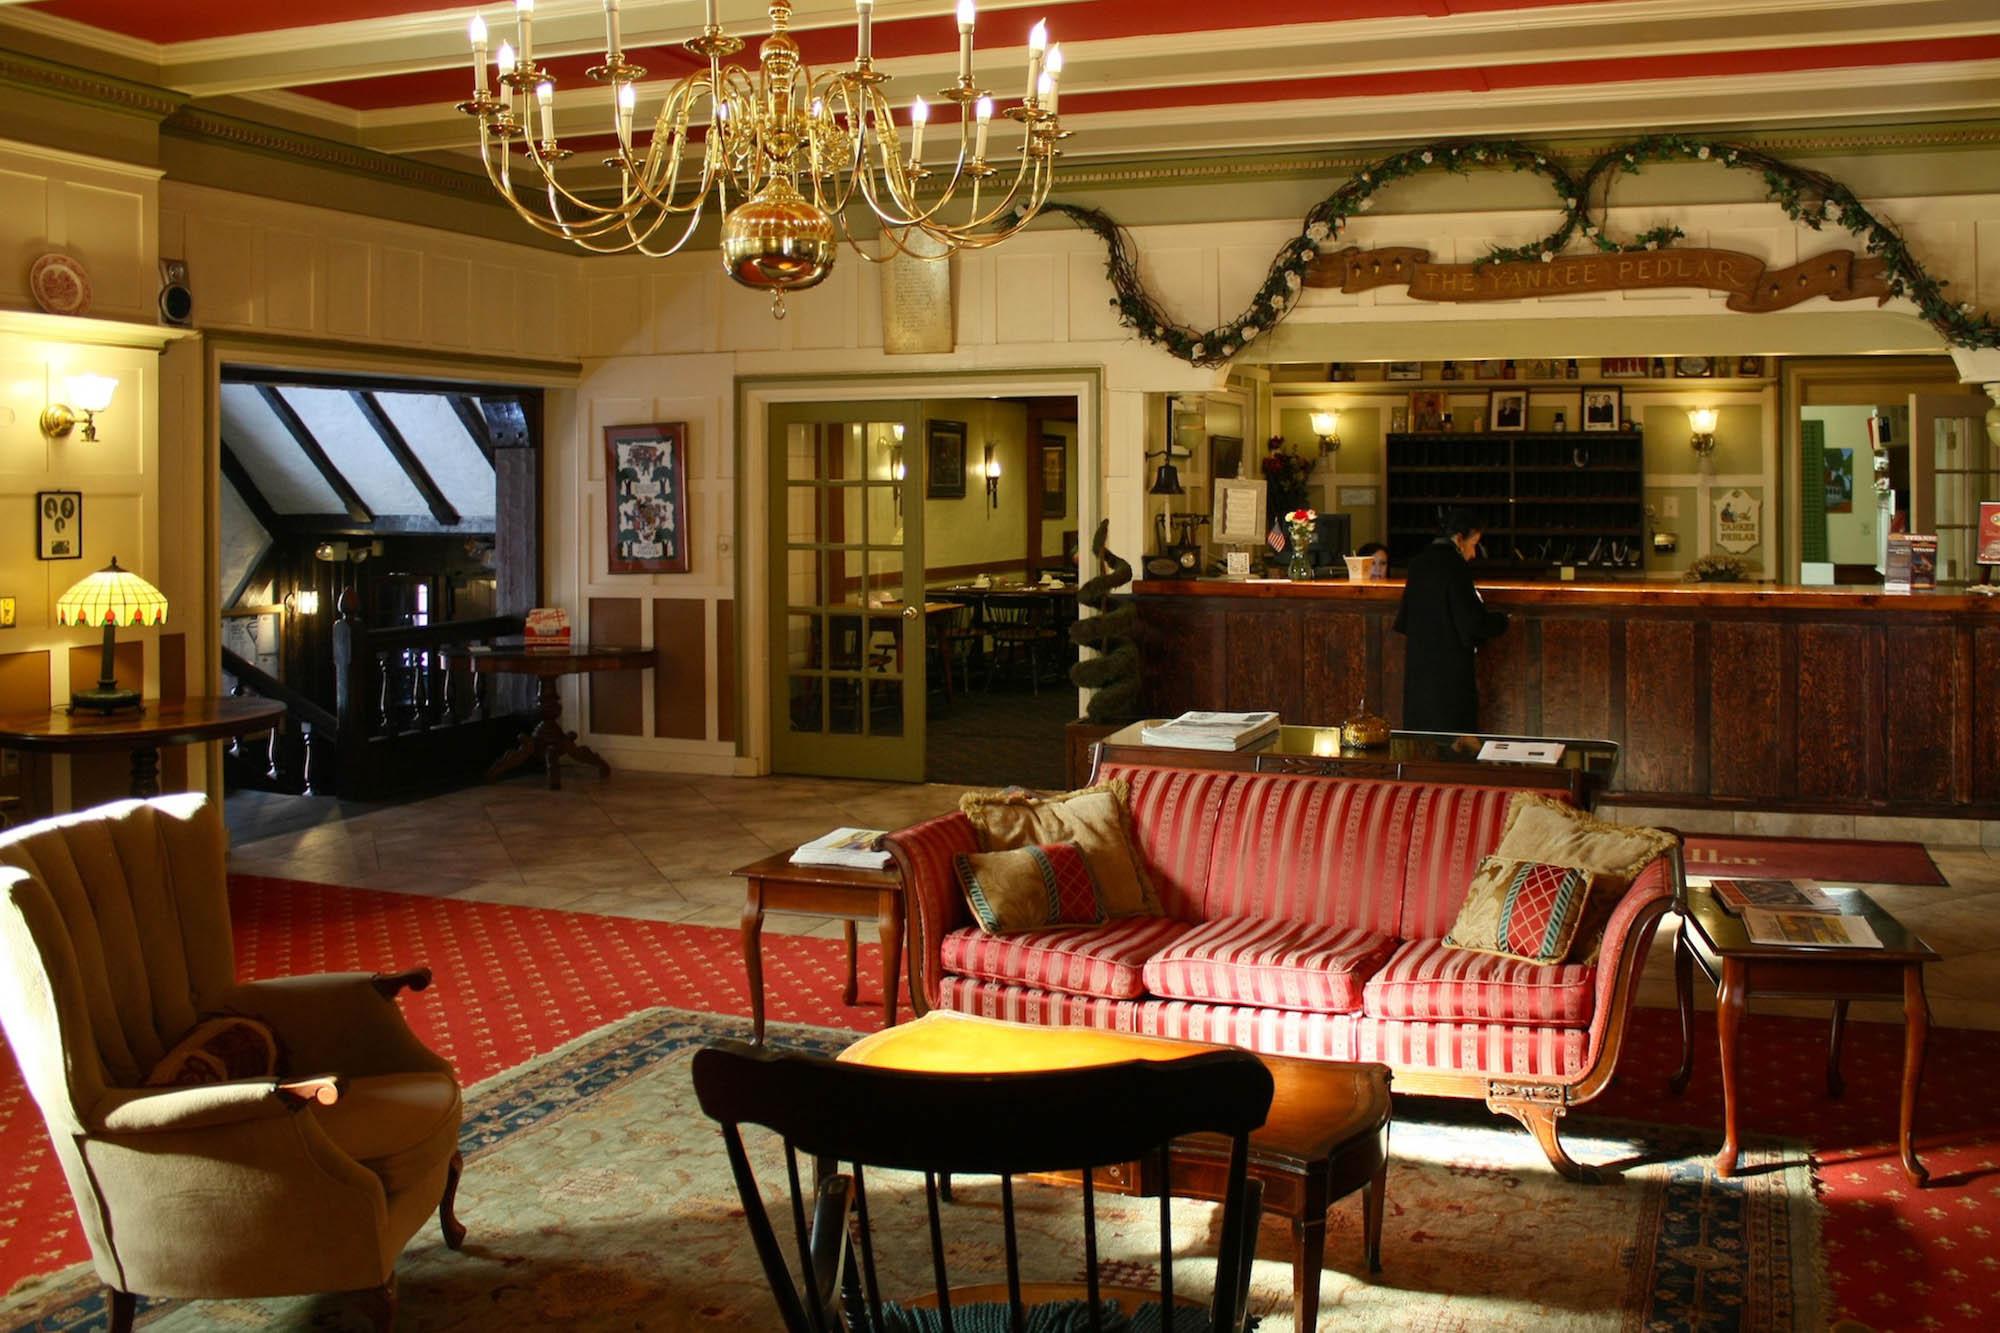 Photo of The Yankee Pedlar Inn via  Google .